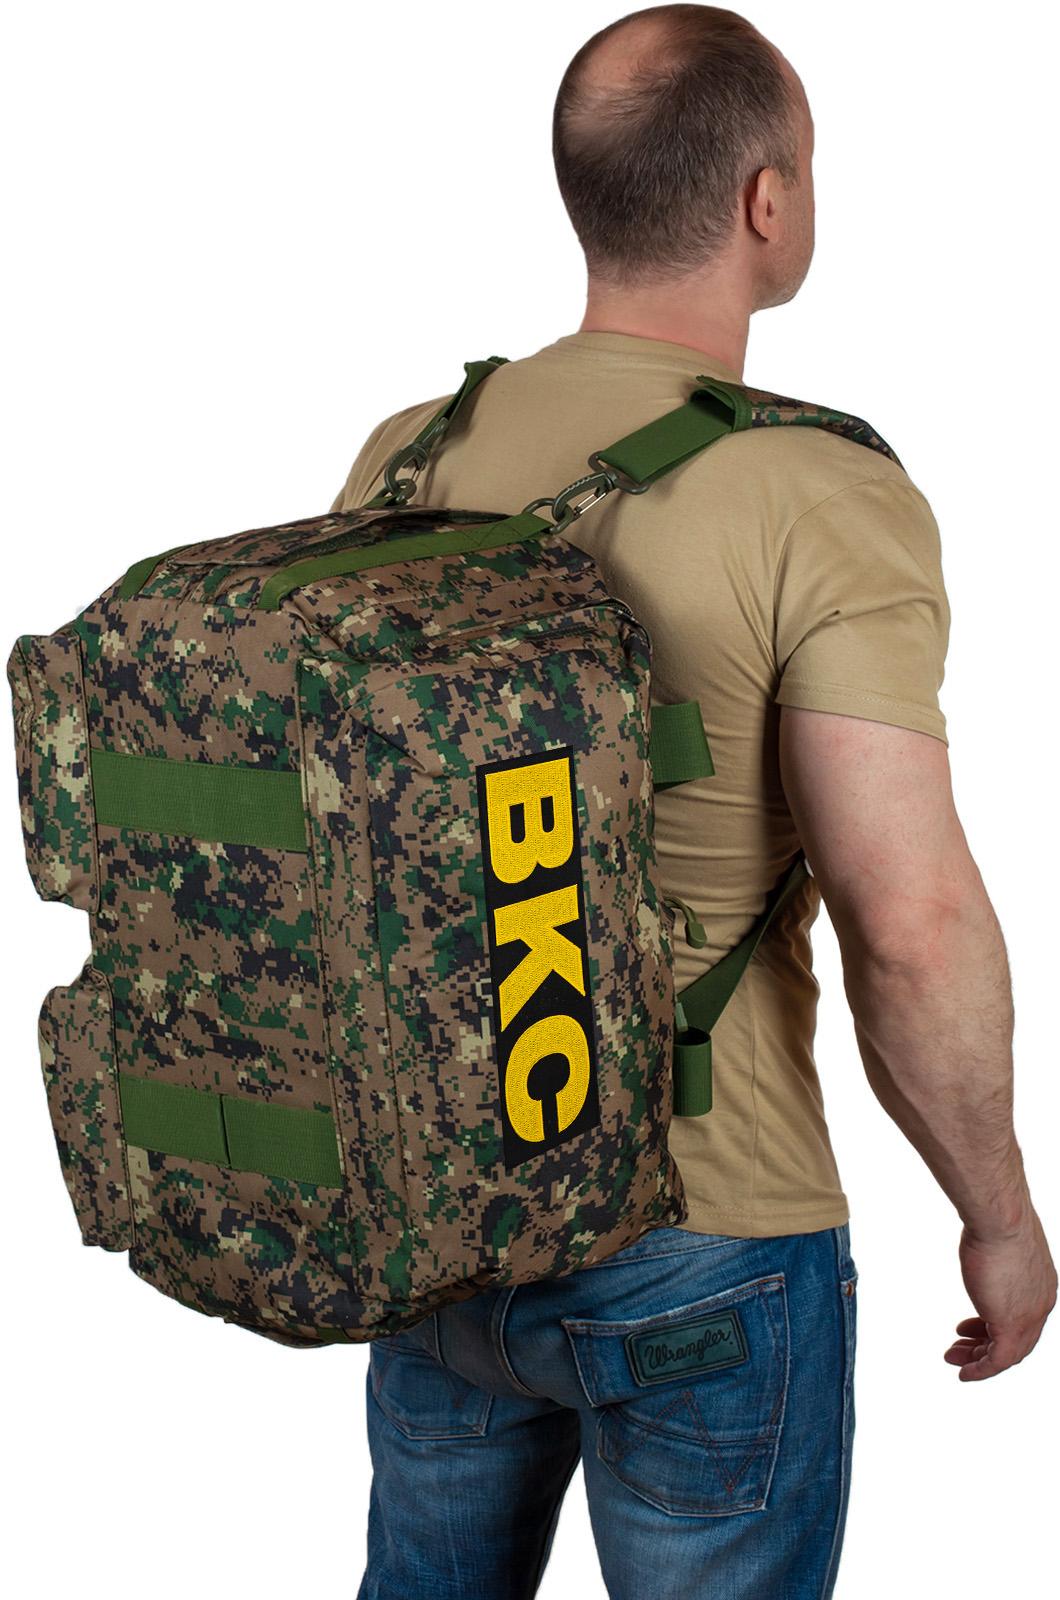 Купить армейскую дорожную сумку с нашивкой ВКС по экономичной цене